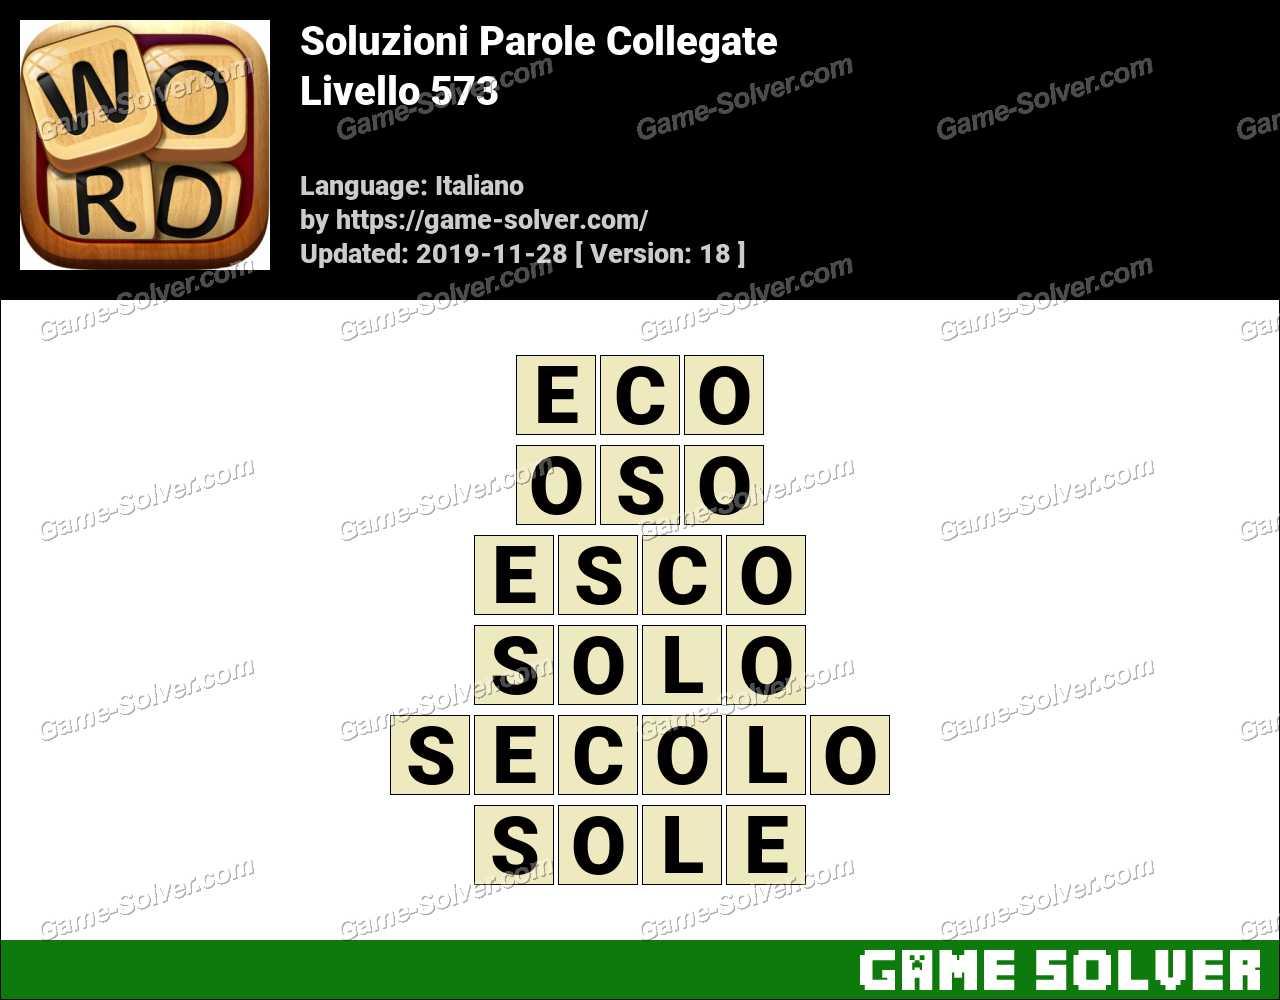 Soluzioni Parole Collegate Livello 573